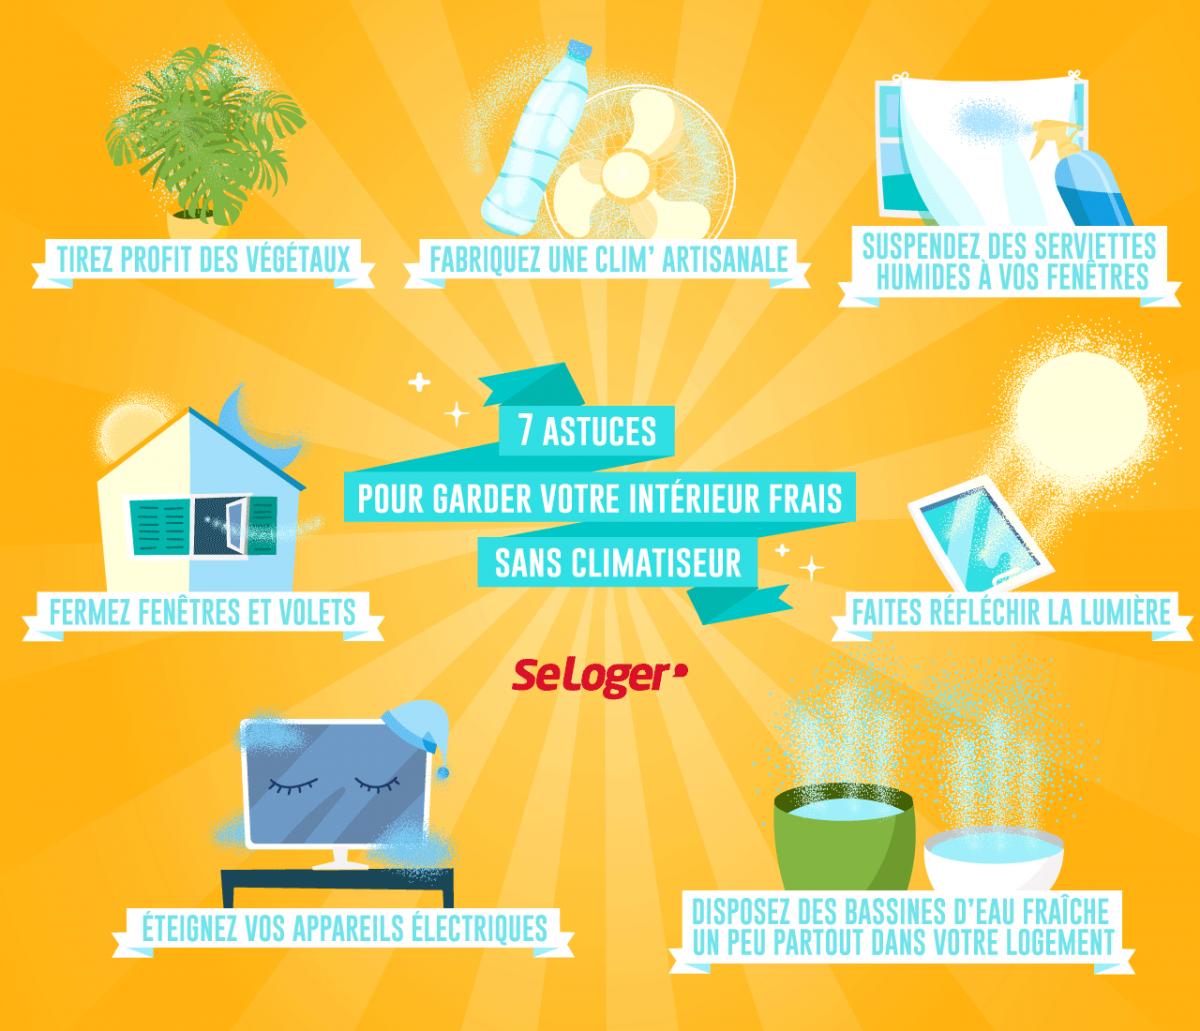 Rafraichir Une Pièce Sans Climatisation canicule : 7 conseils pour garder votre intérieur frais sans